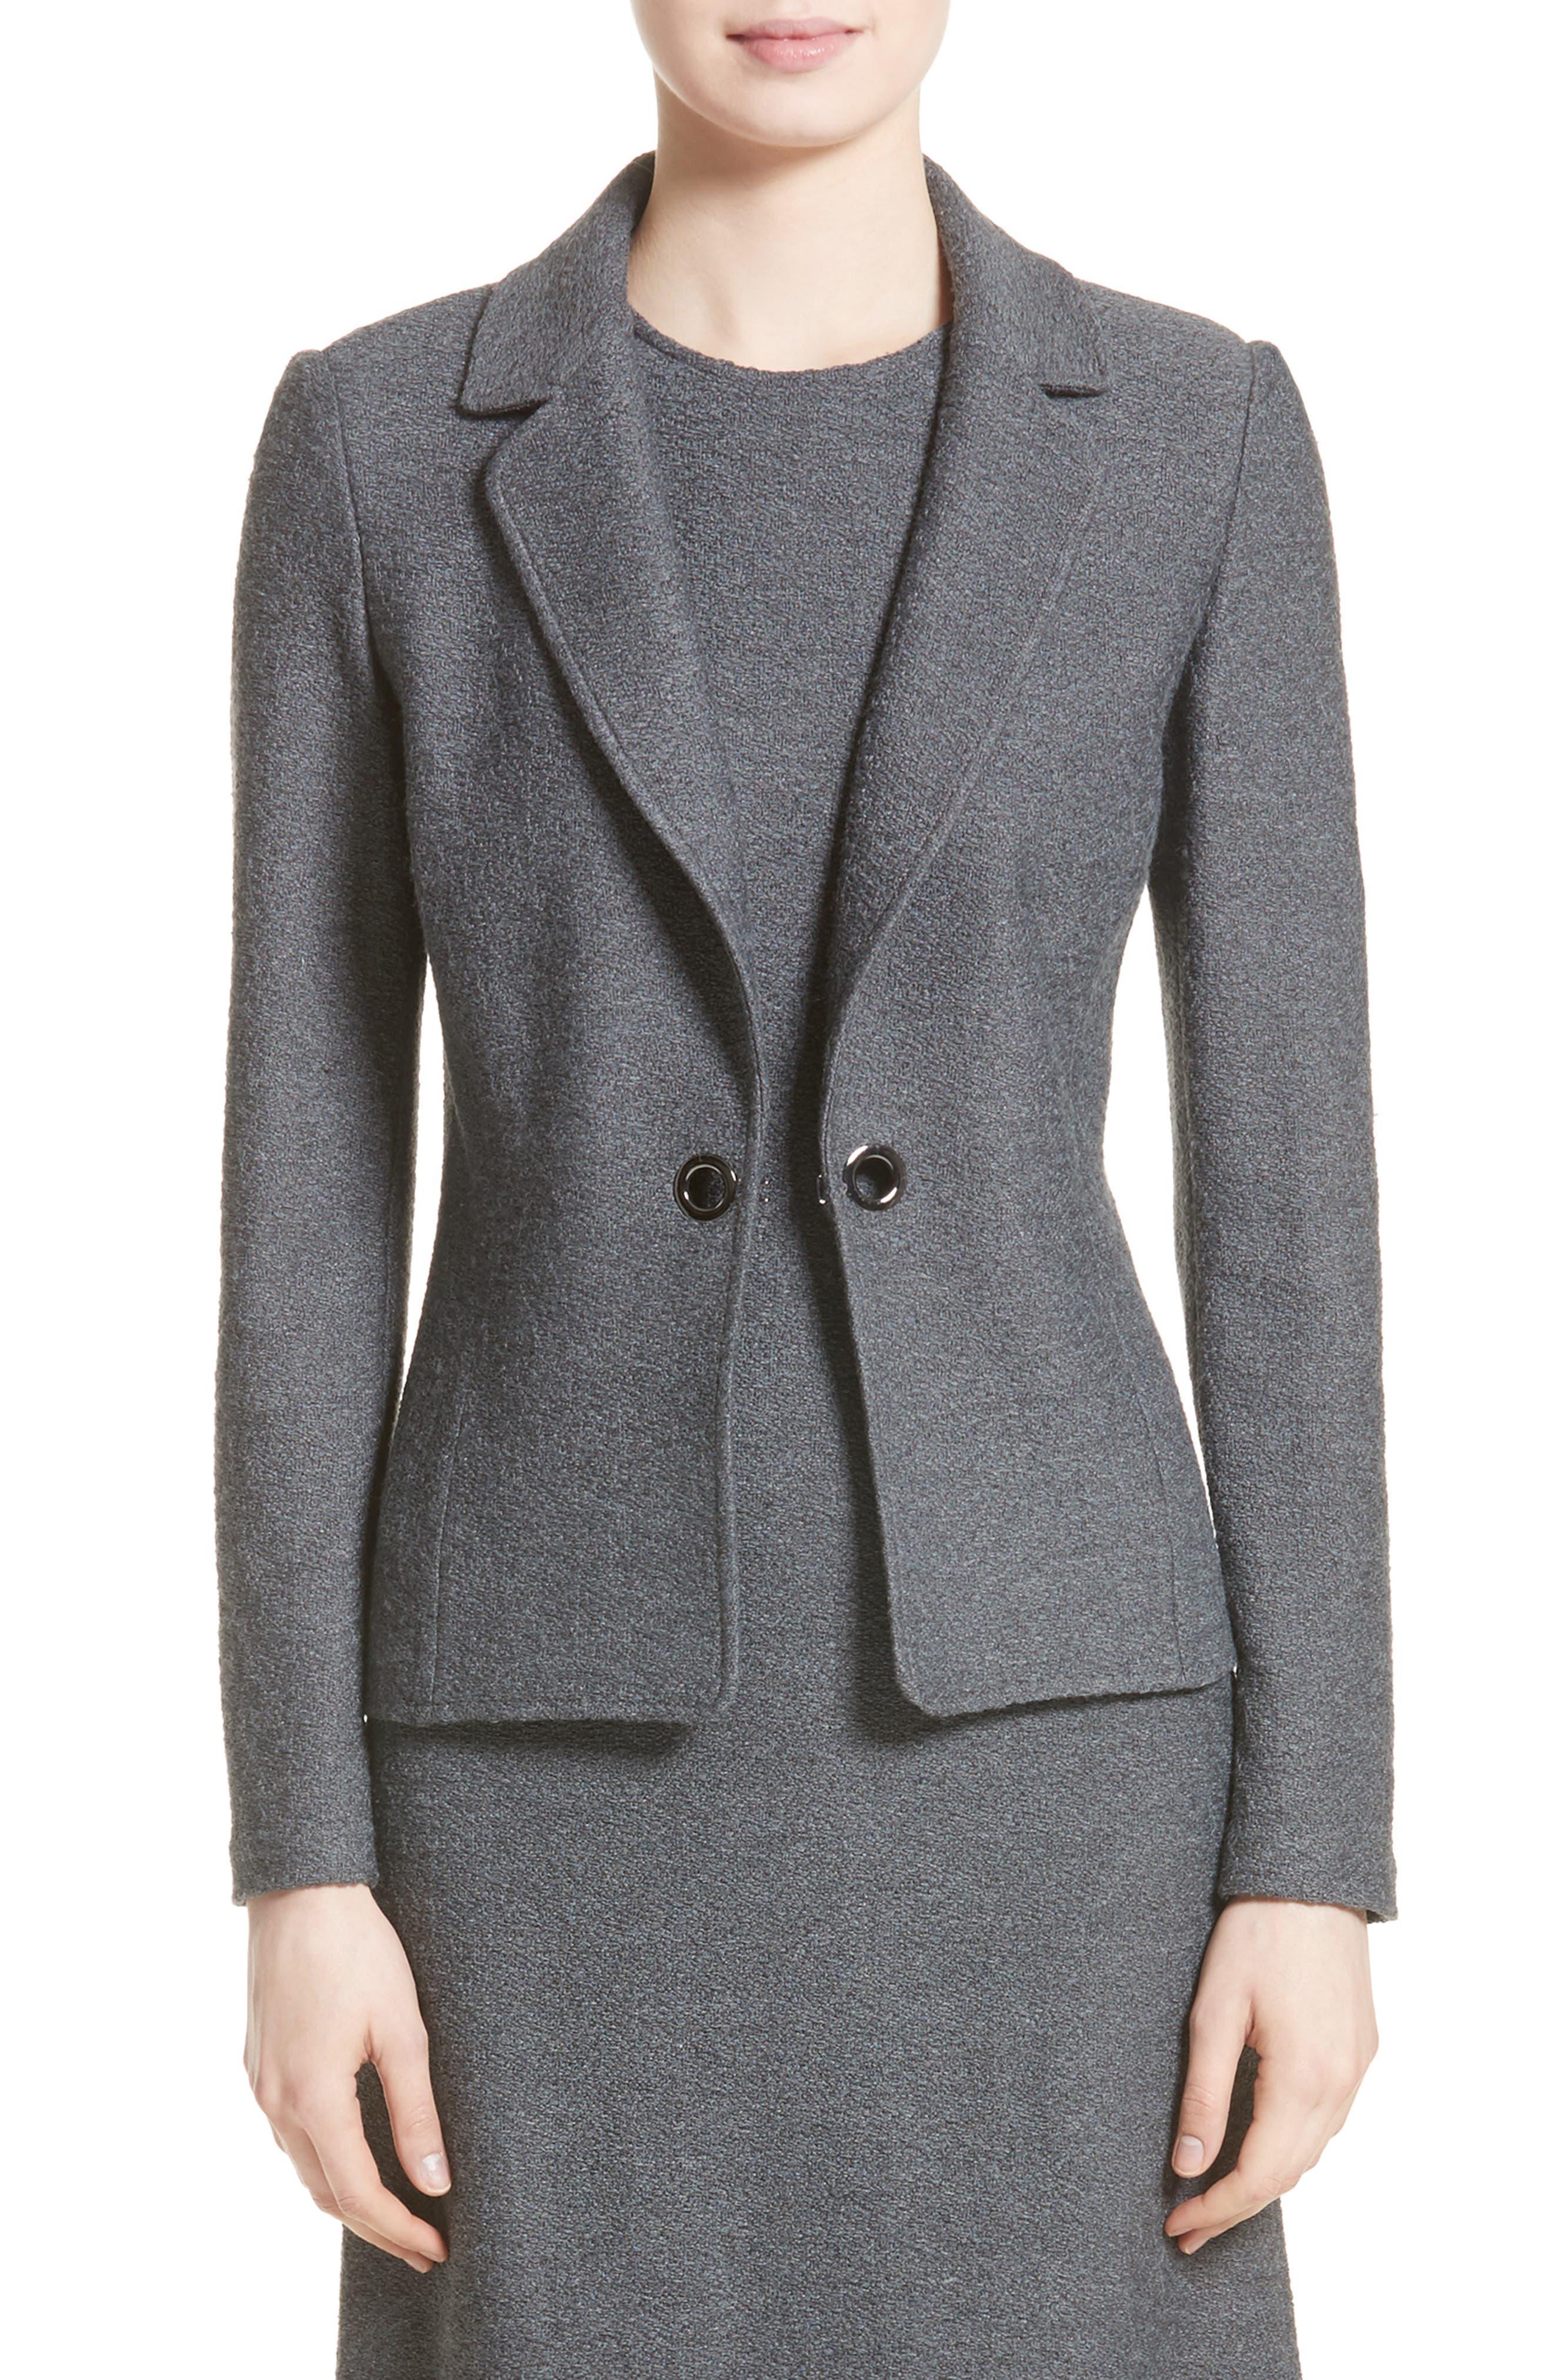 Clair Grommet Detail Knit Jacket,                         Main,                         color, Flint